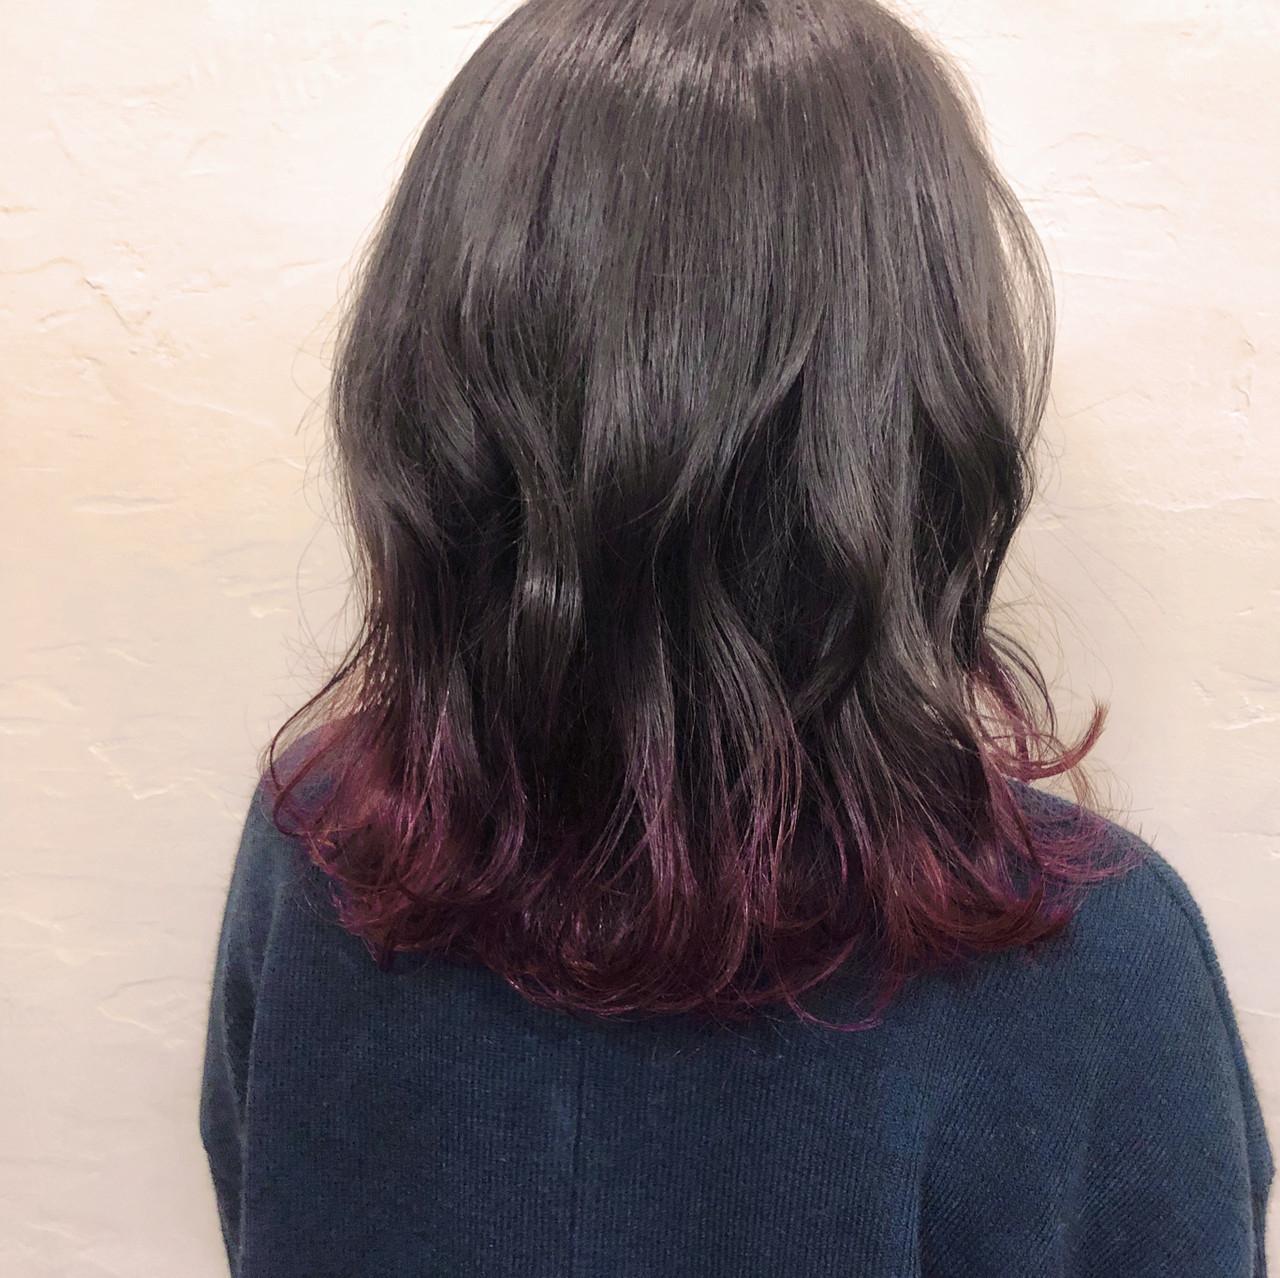 モード感溢れるミディアムのピンクバイオレットグラデーションカラー 上杉遥HELME